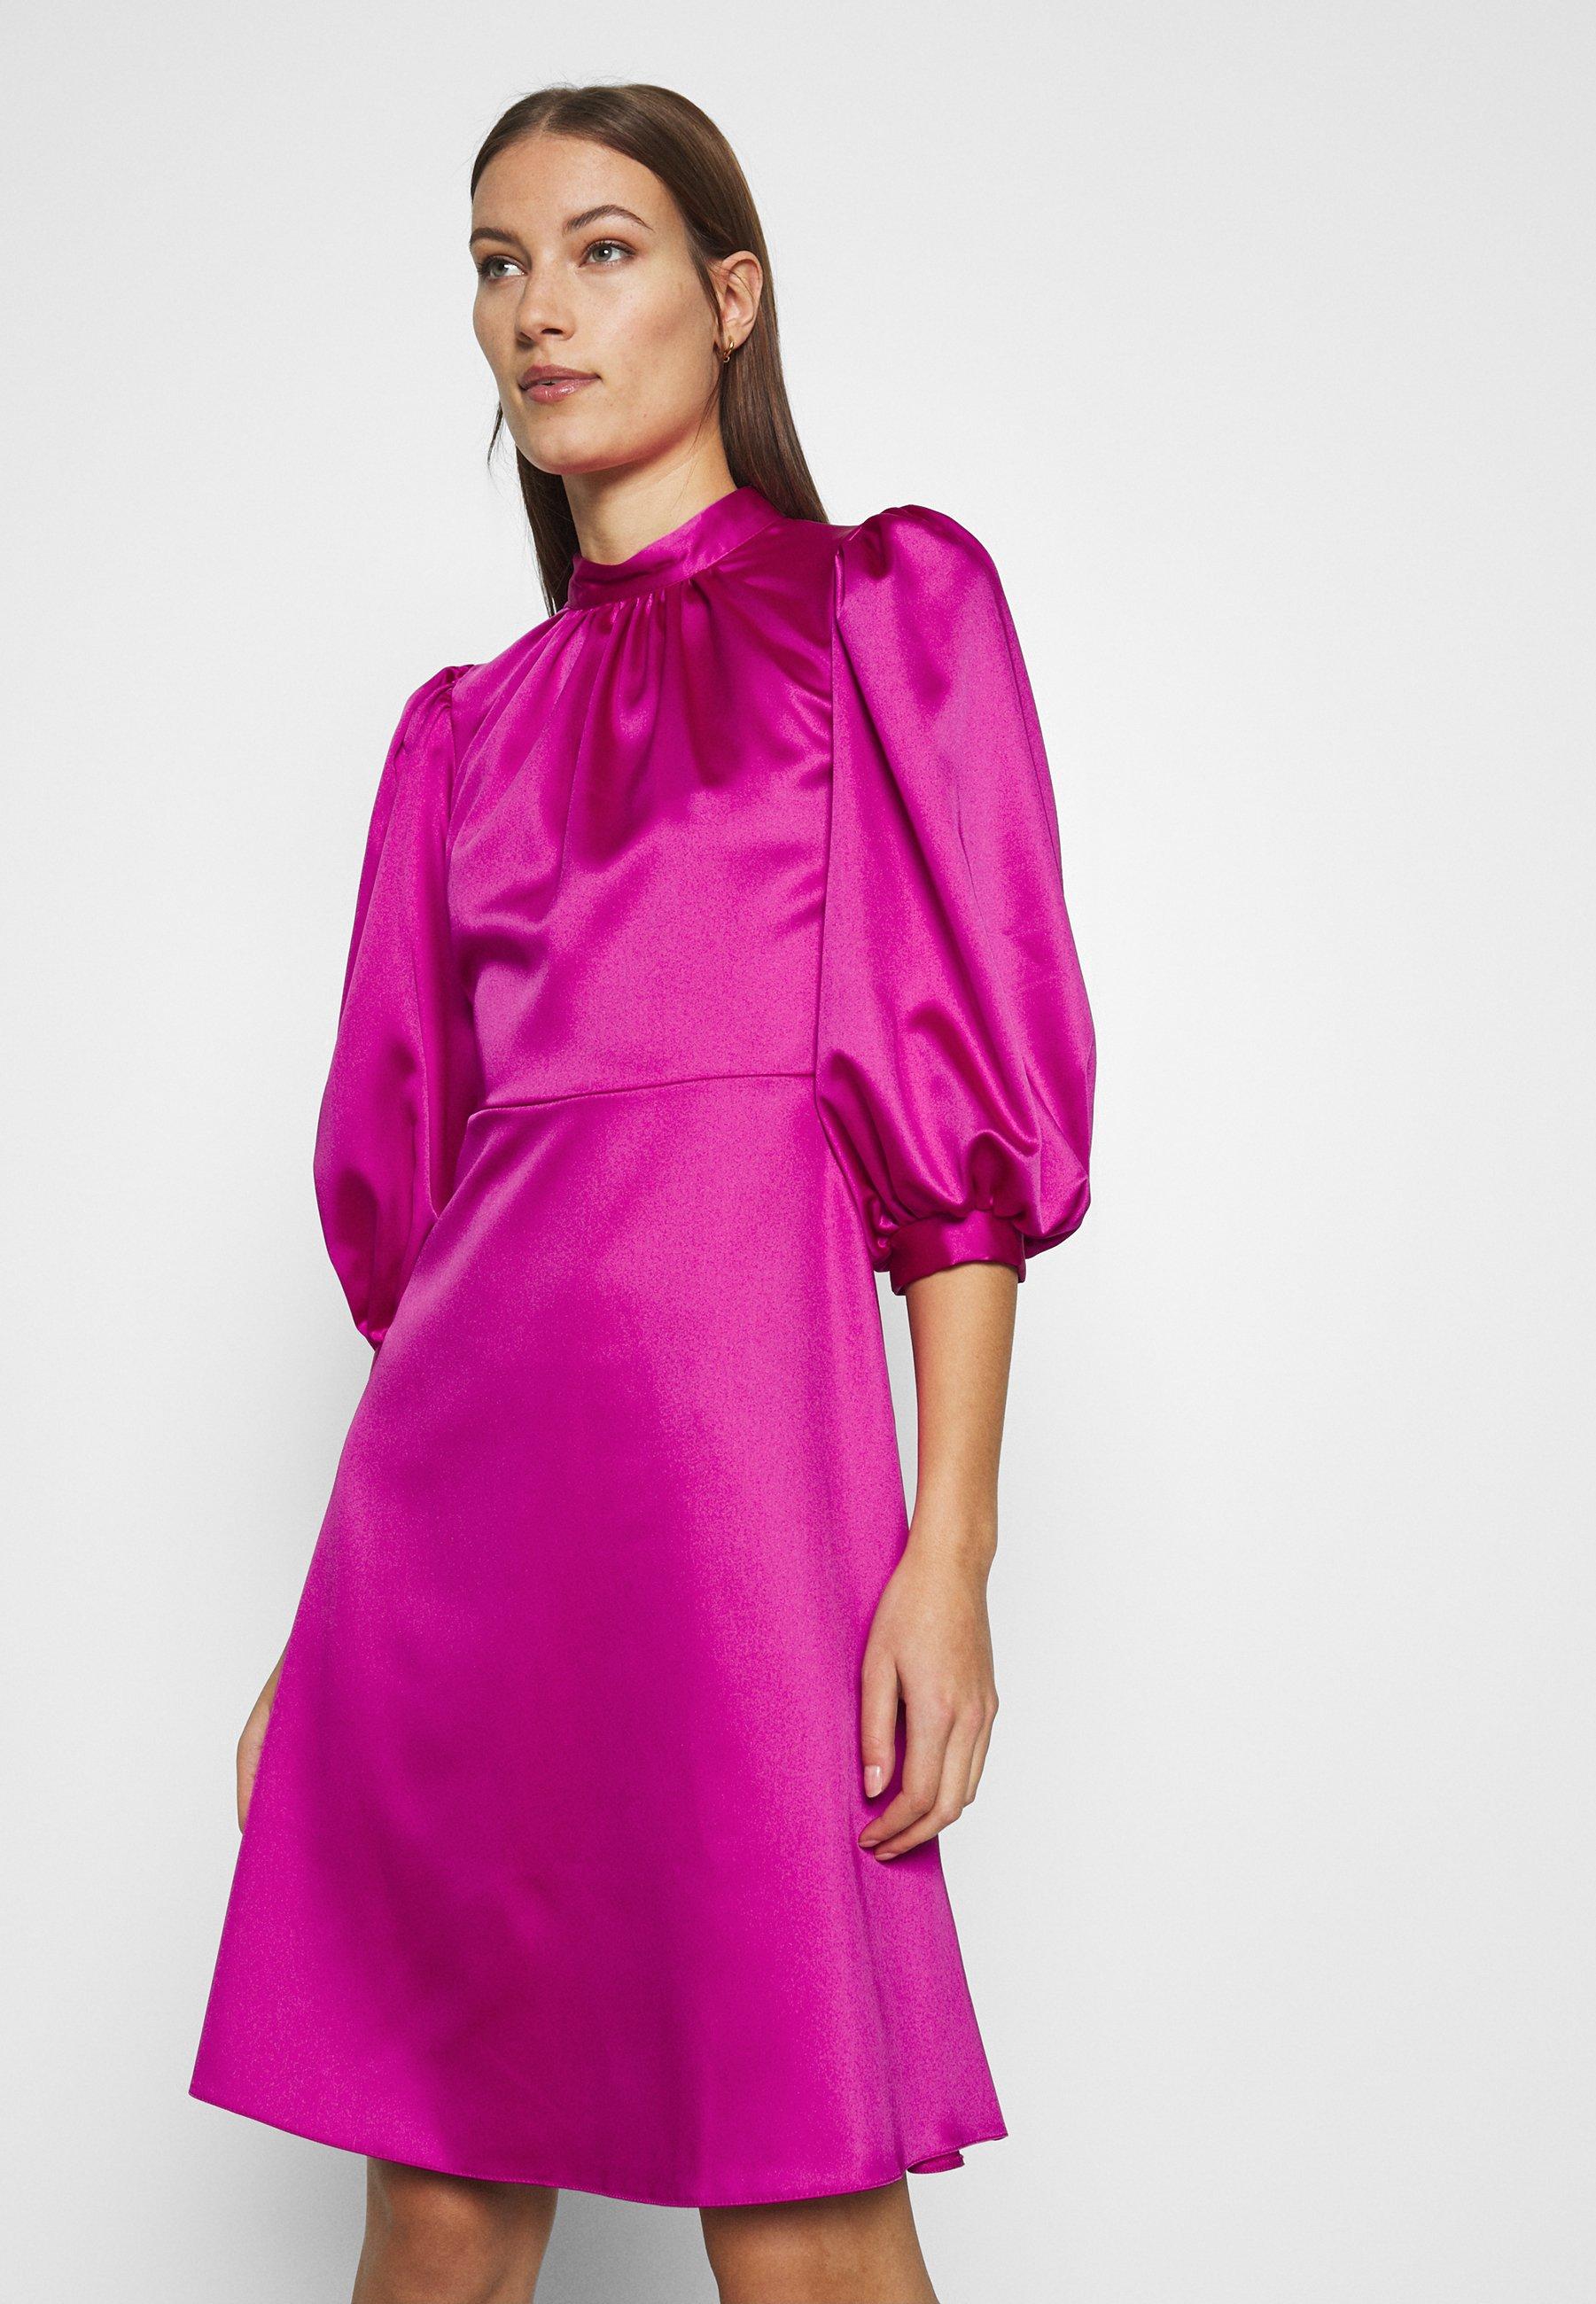 Women CLOSET HIGH NECK PUFF SLEEVE MINI DRESS - Cocktail dress / Party dress